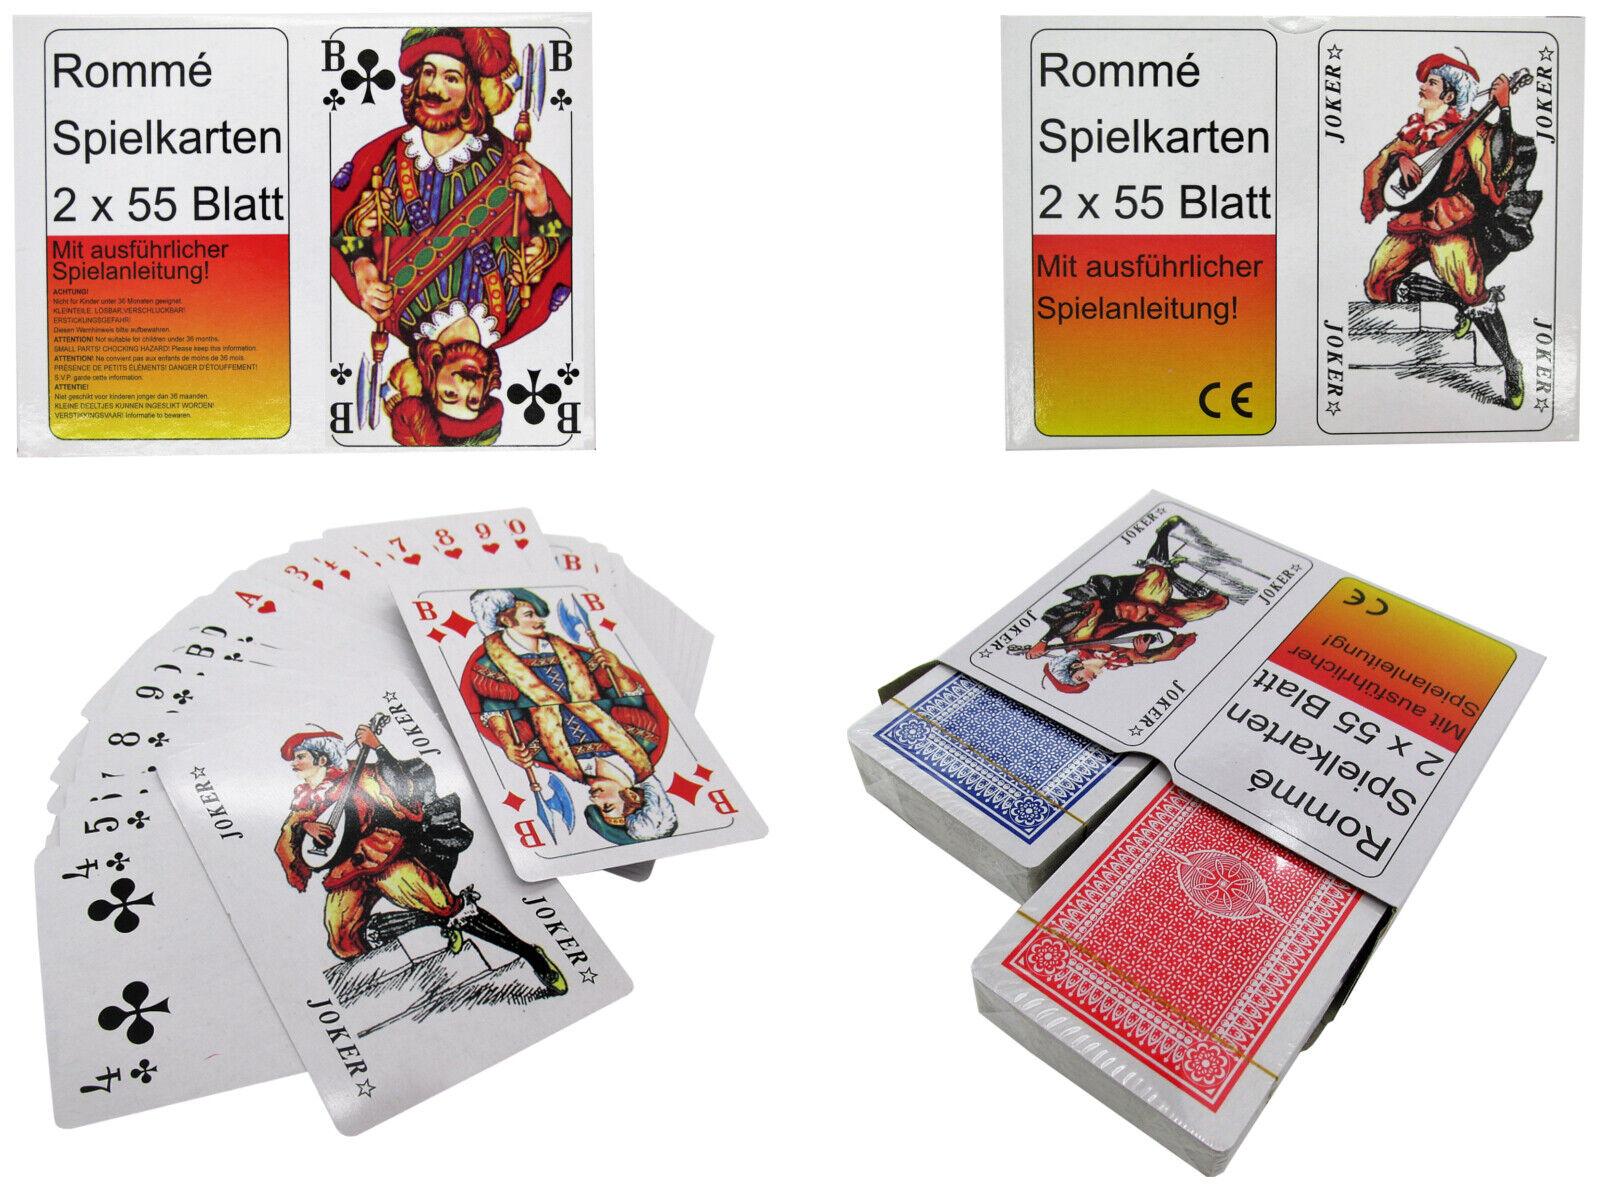 144 Romme Kartenspiel Spielkarten Rommekarten Canasta Bridge Skat Poker Posten